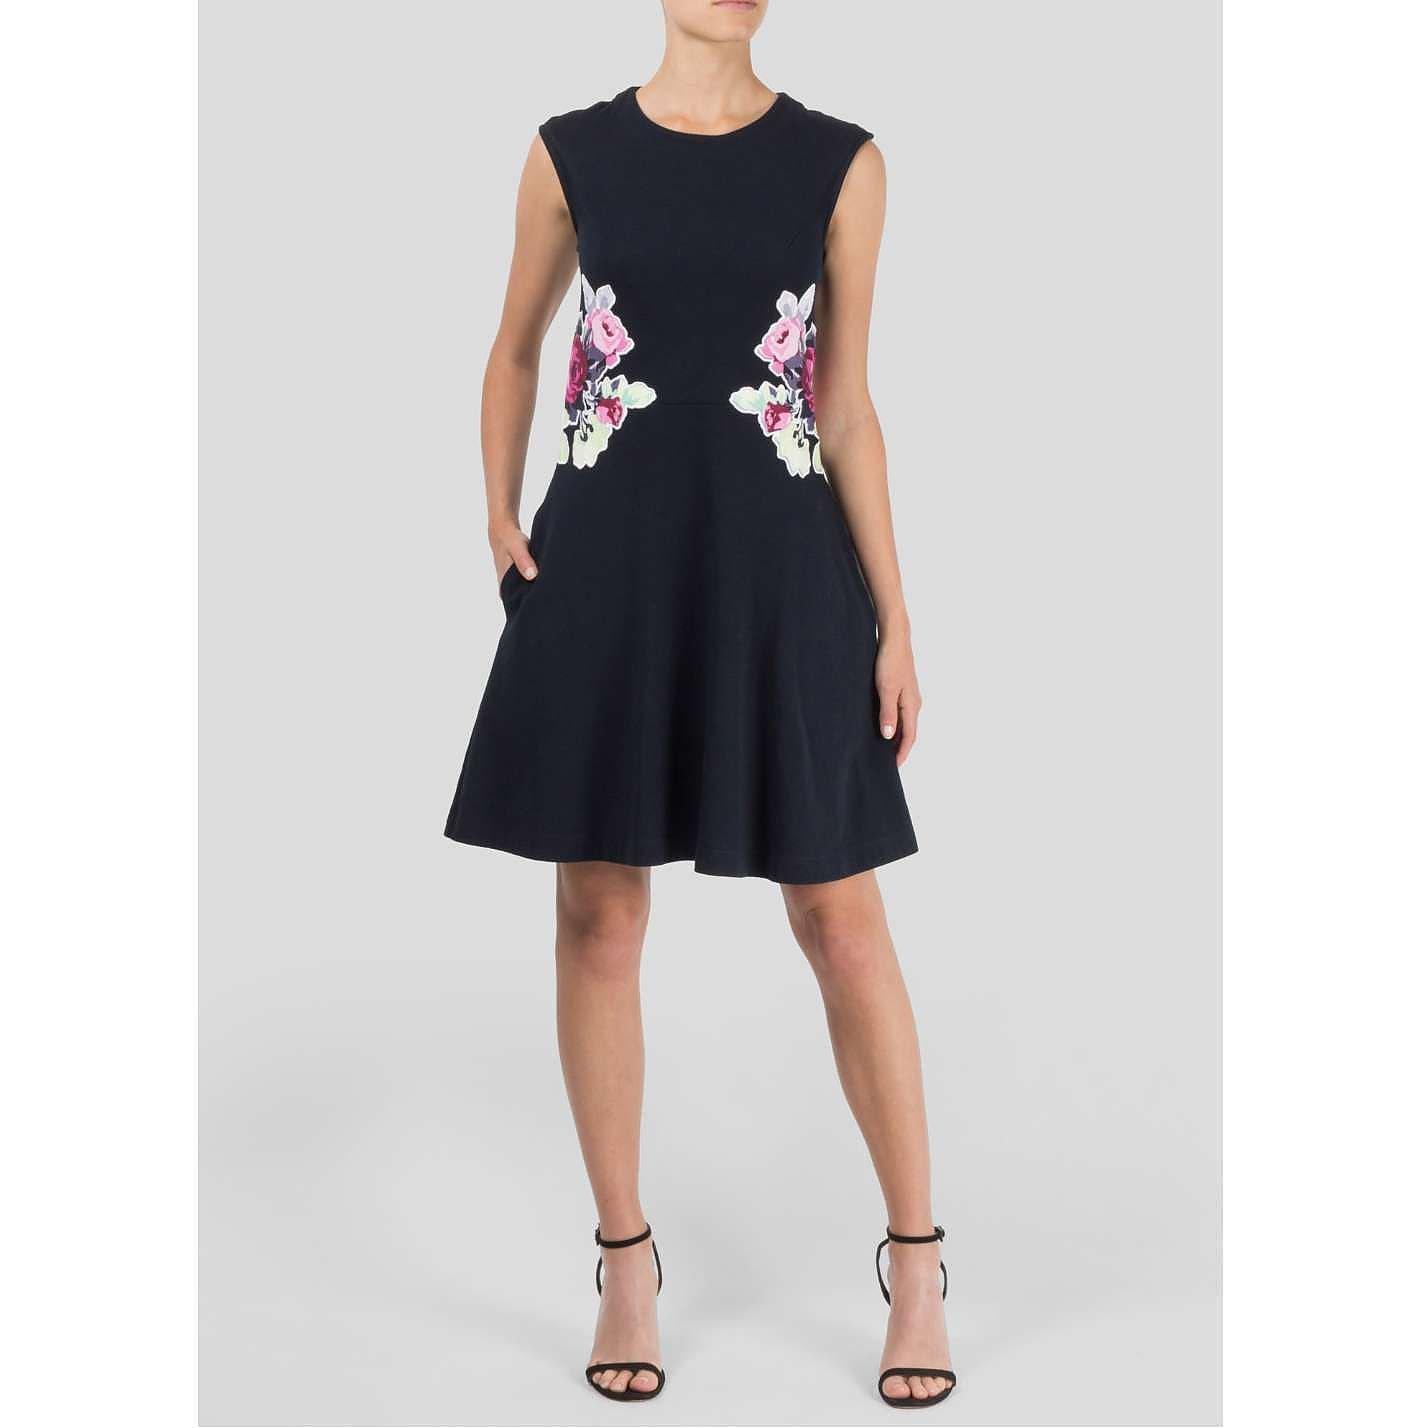 Carven Floral-Panel Dress